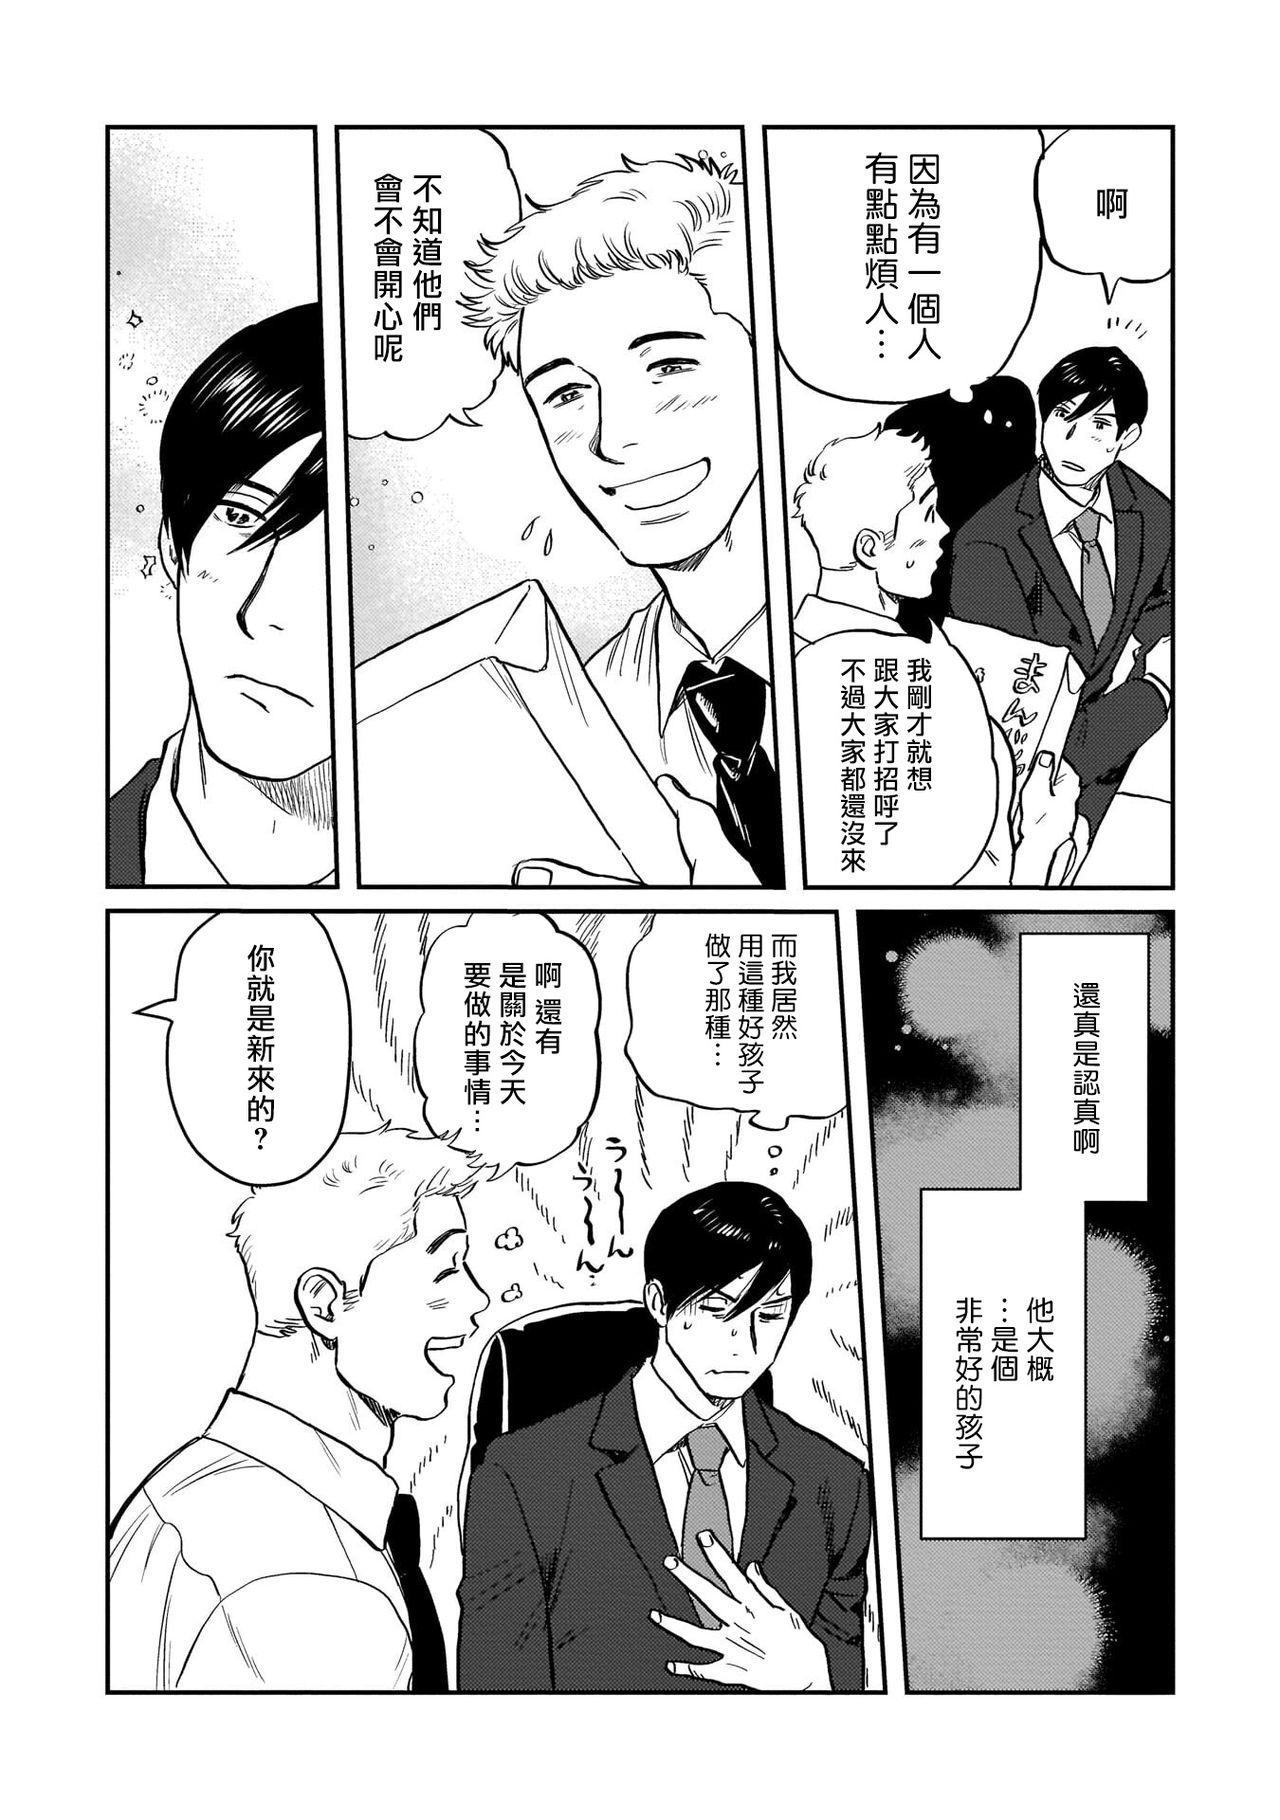 Kouhai no Oppai ga Suki Sugiru | 我太喜欢后辈的奶子了 Ch. 1-2 32